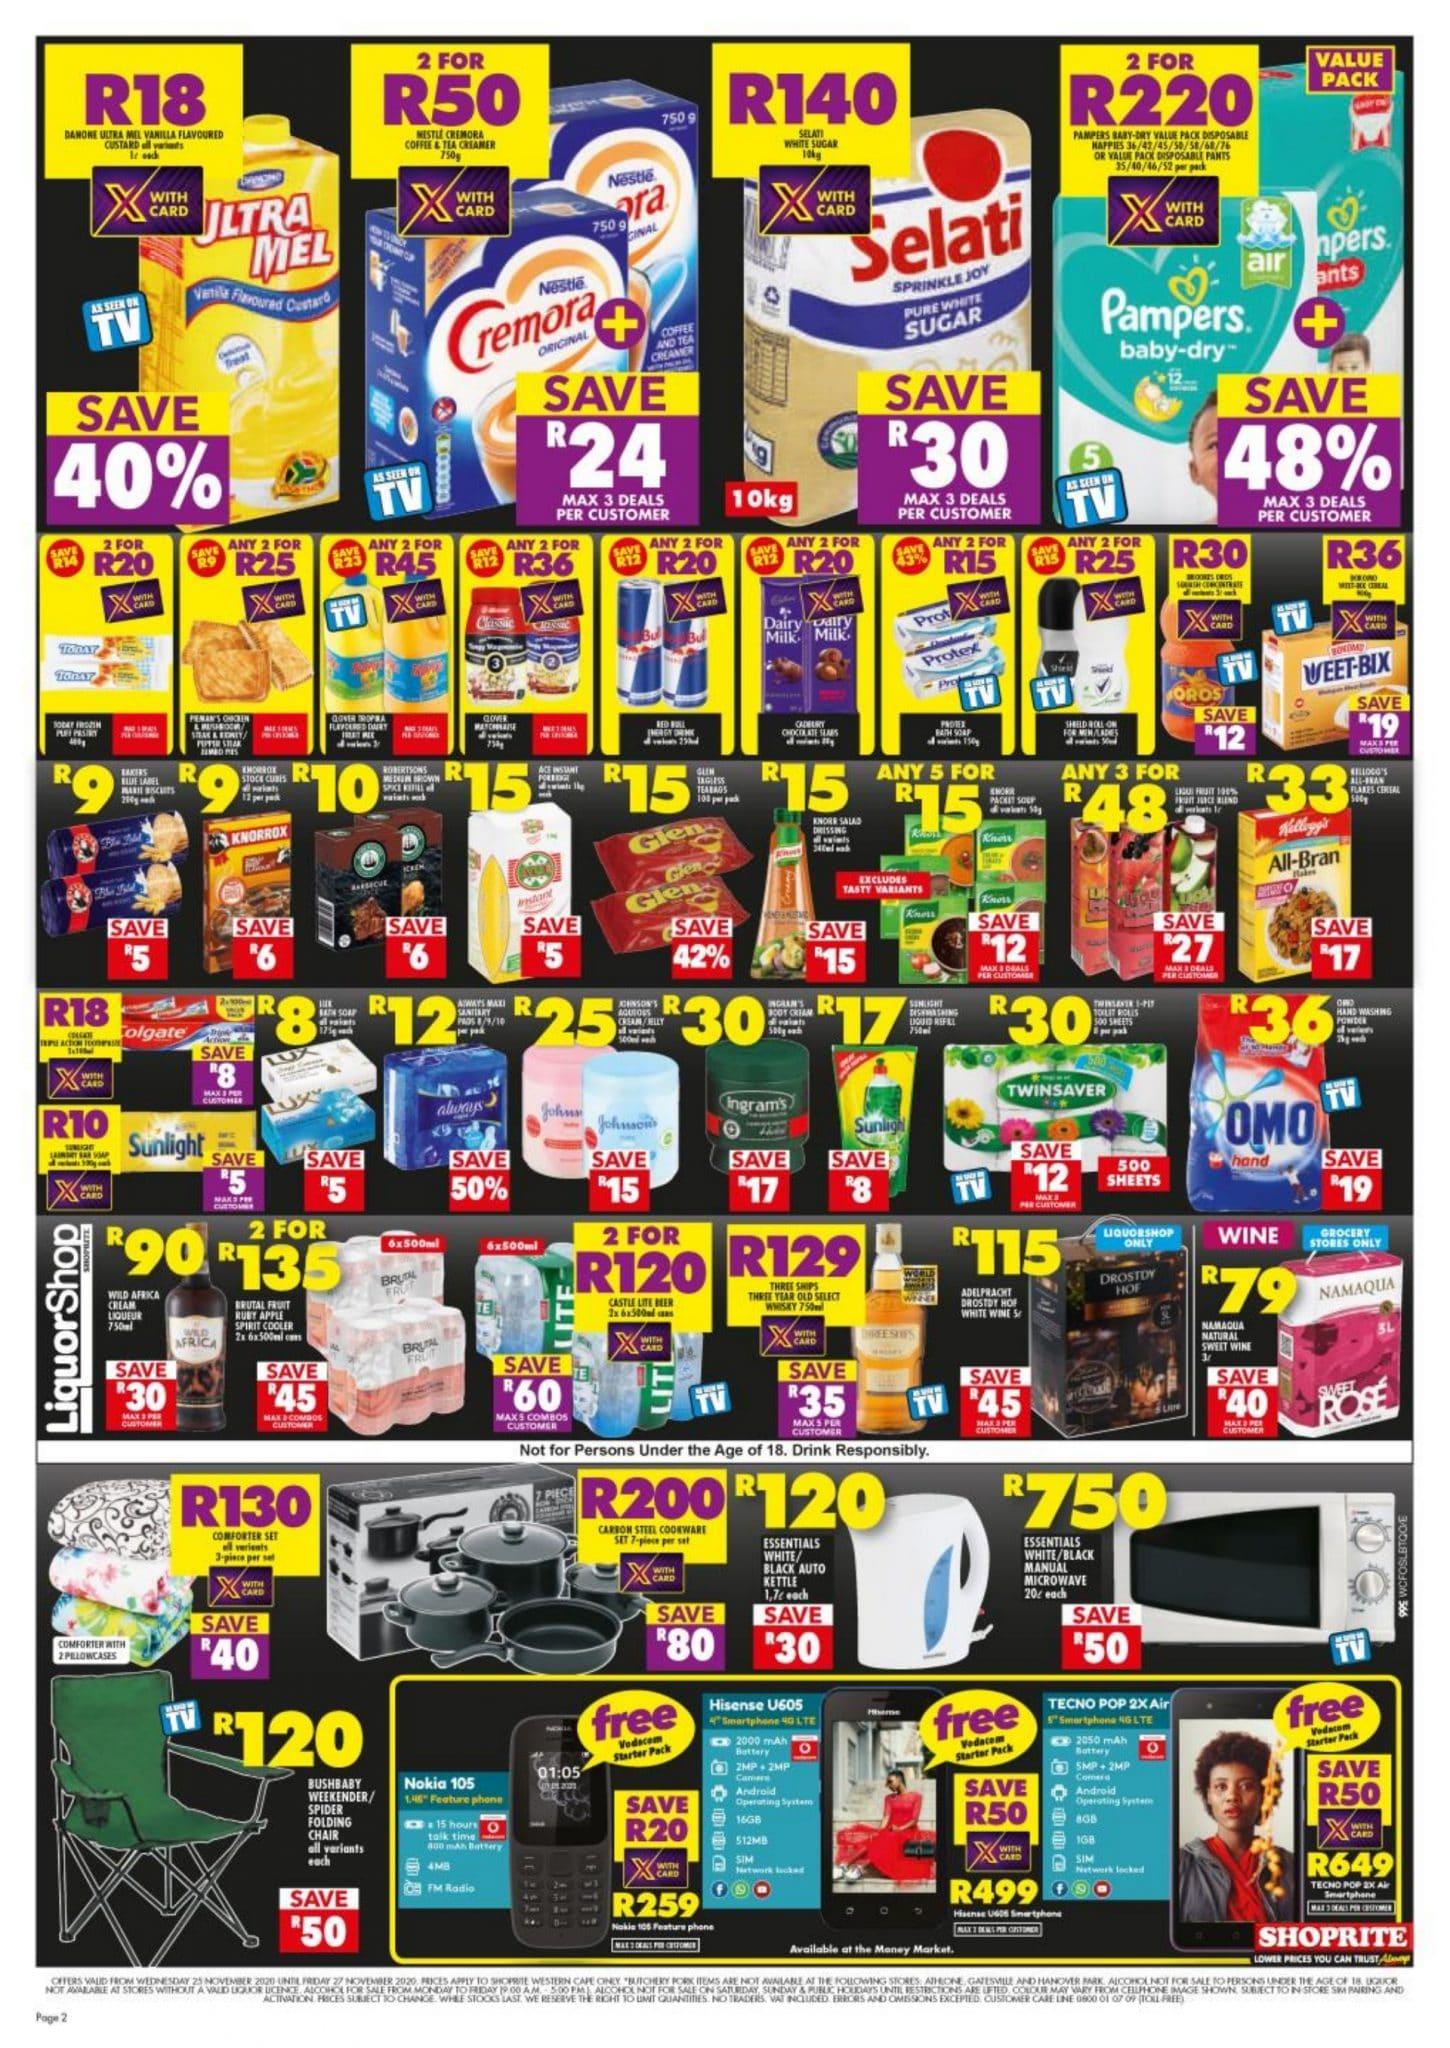 Shoprite Black Friday Deals & Specials 2021